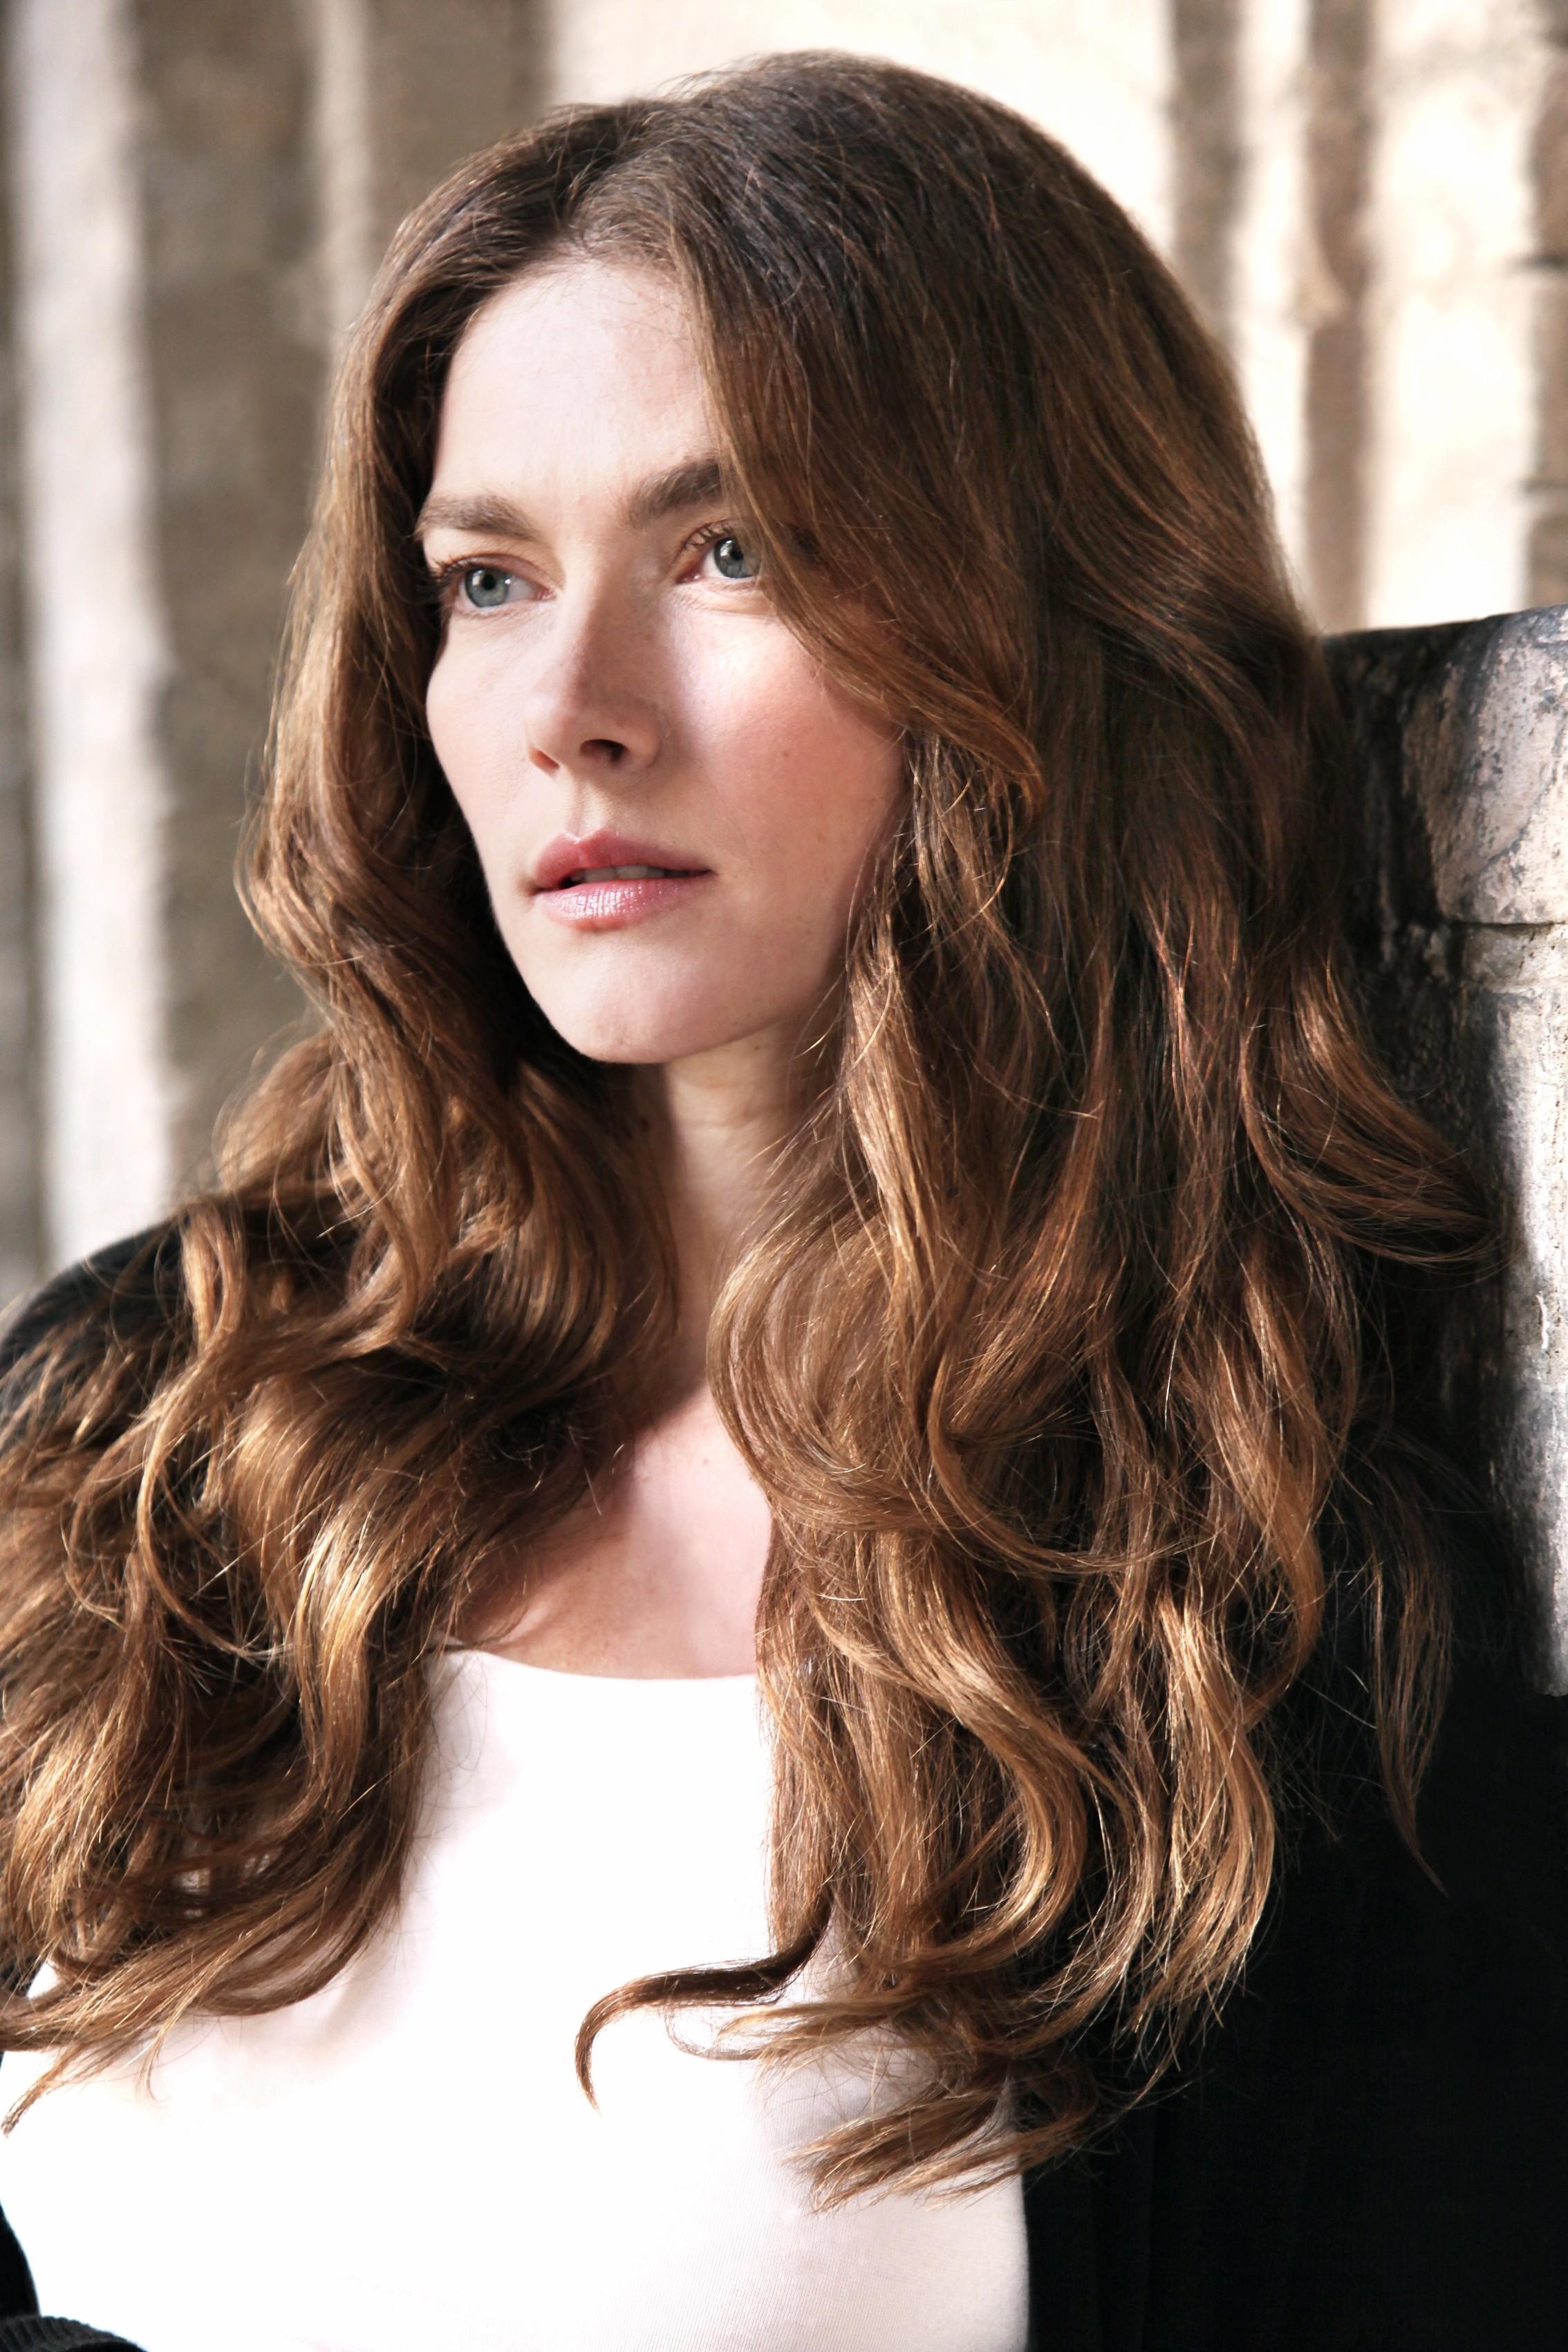 11 propuestas muy primaverales (e ideales) para el cabello del estilista Rossano Ferretti, el nuevo embajador global de Coty